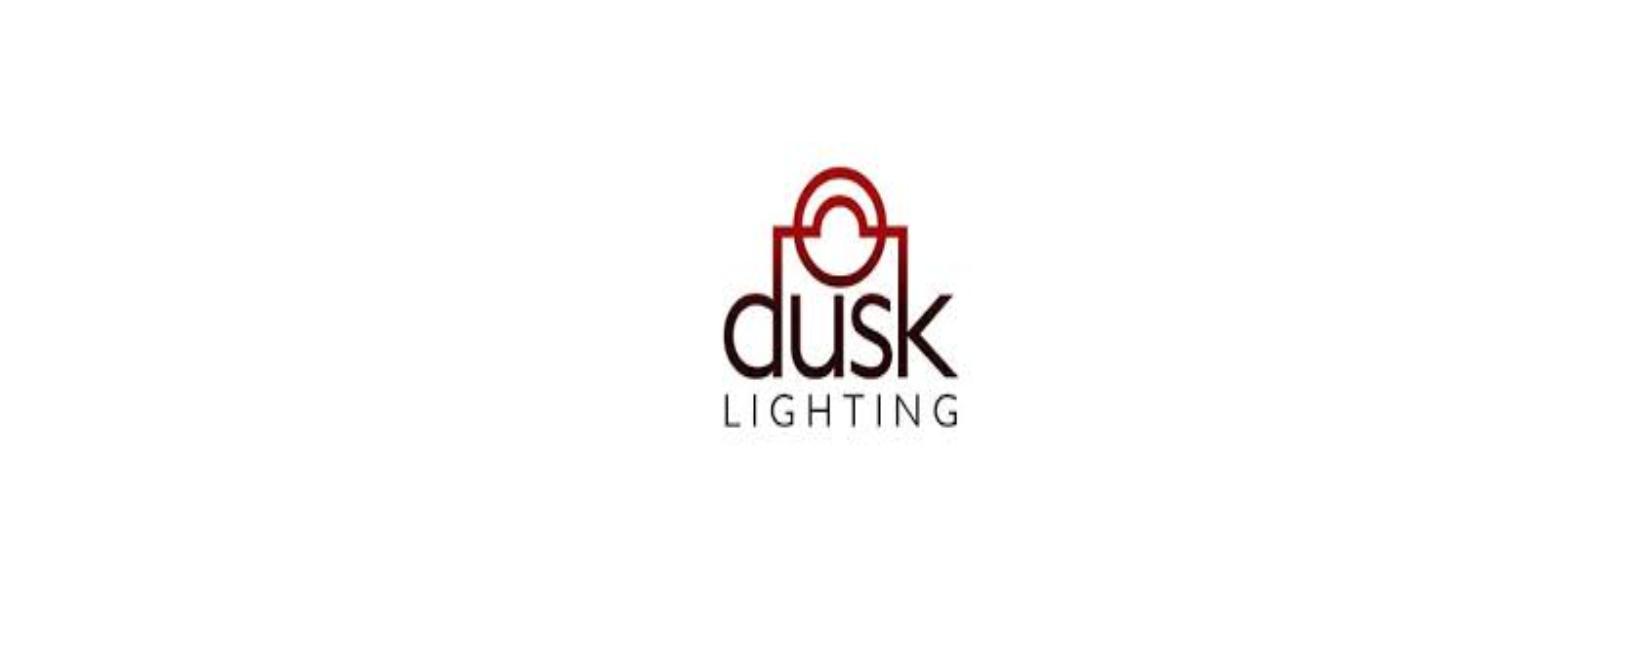 Dusk Lighting UK Discount Code 2021